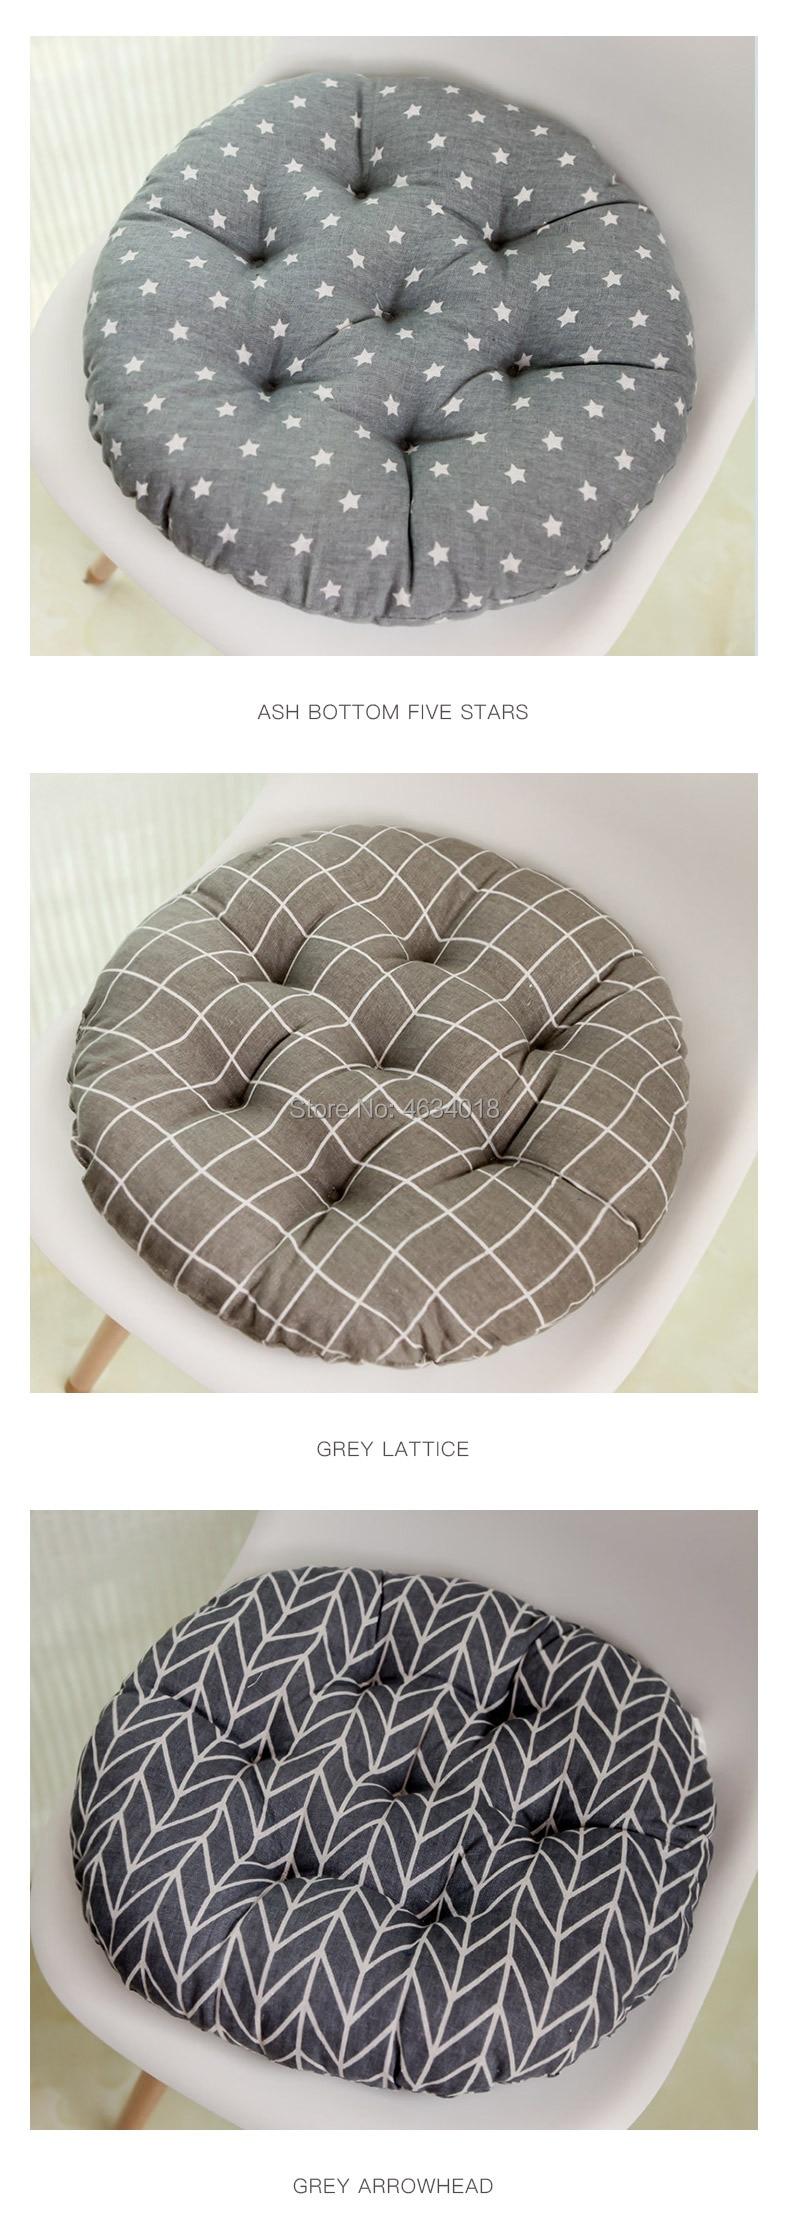 Round Cushion 38x38/43x43/48x48cm office chair sofa cushion tatami circular decoration seat cushion chair cushions wholesale